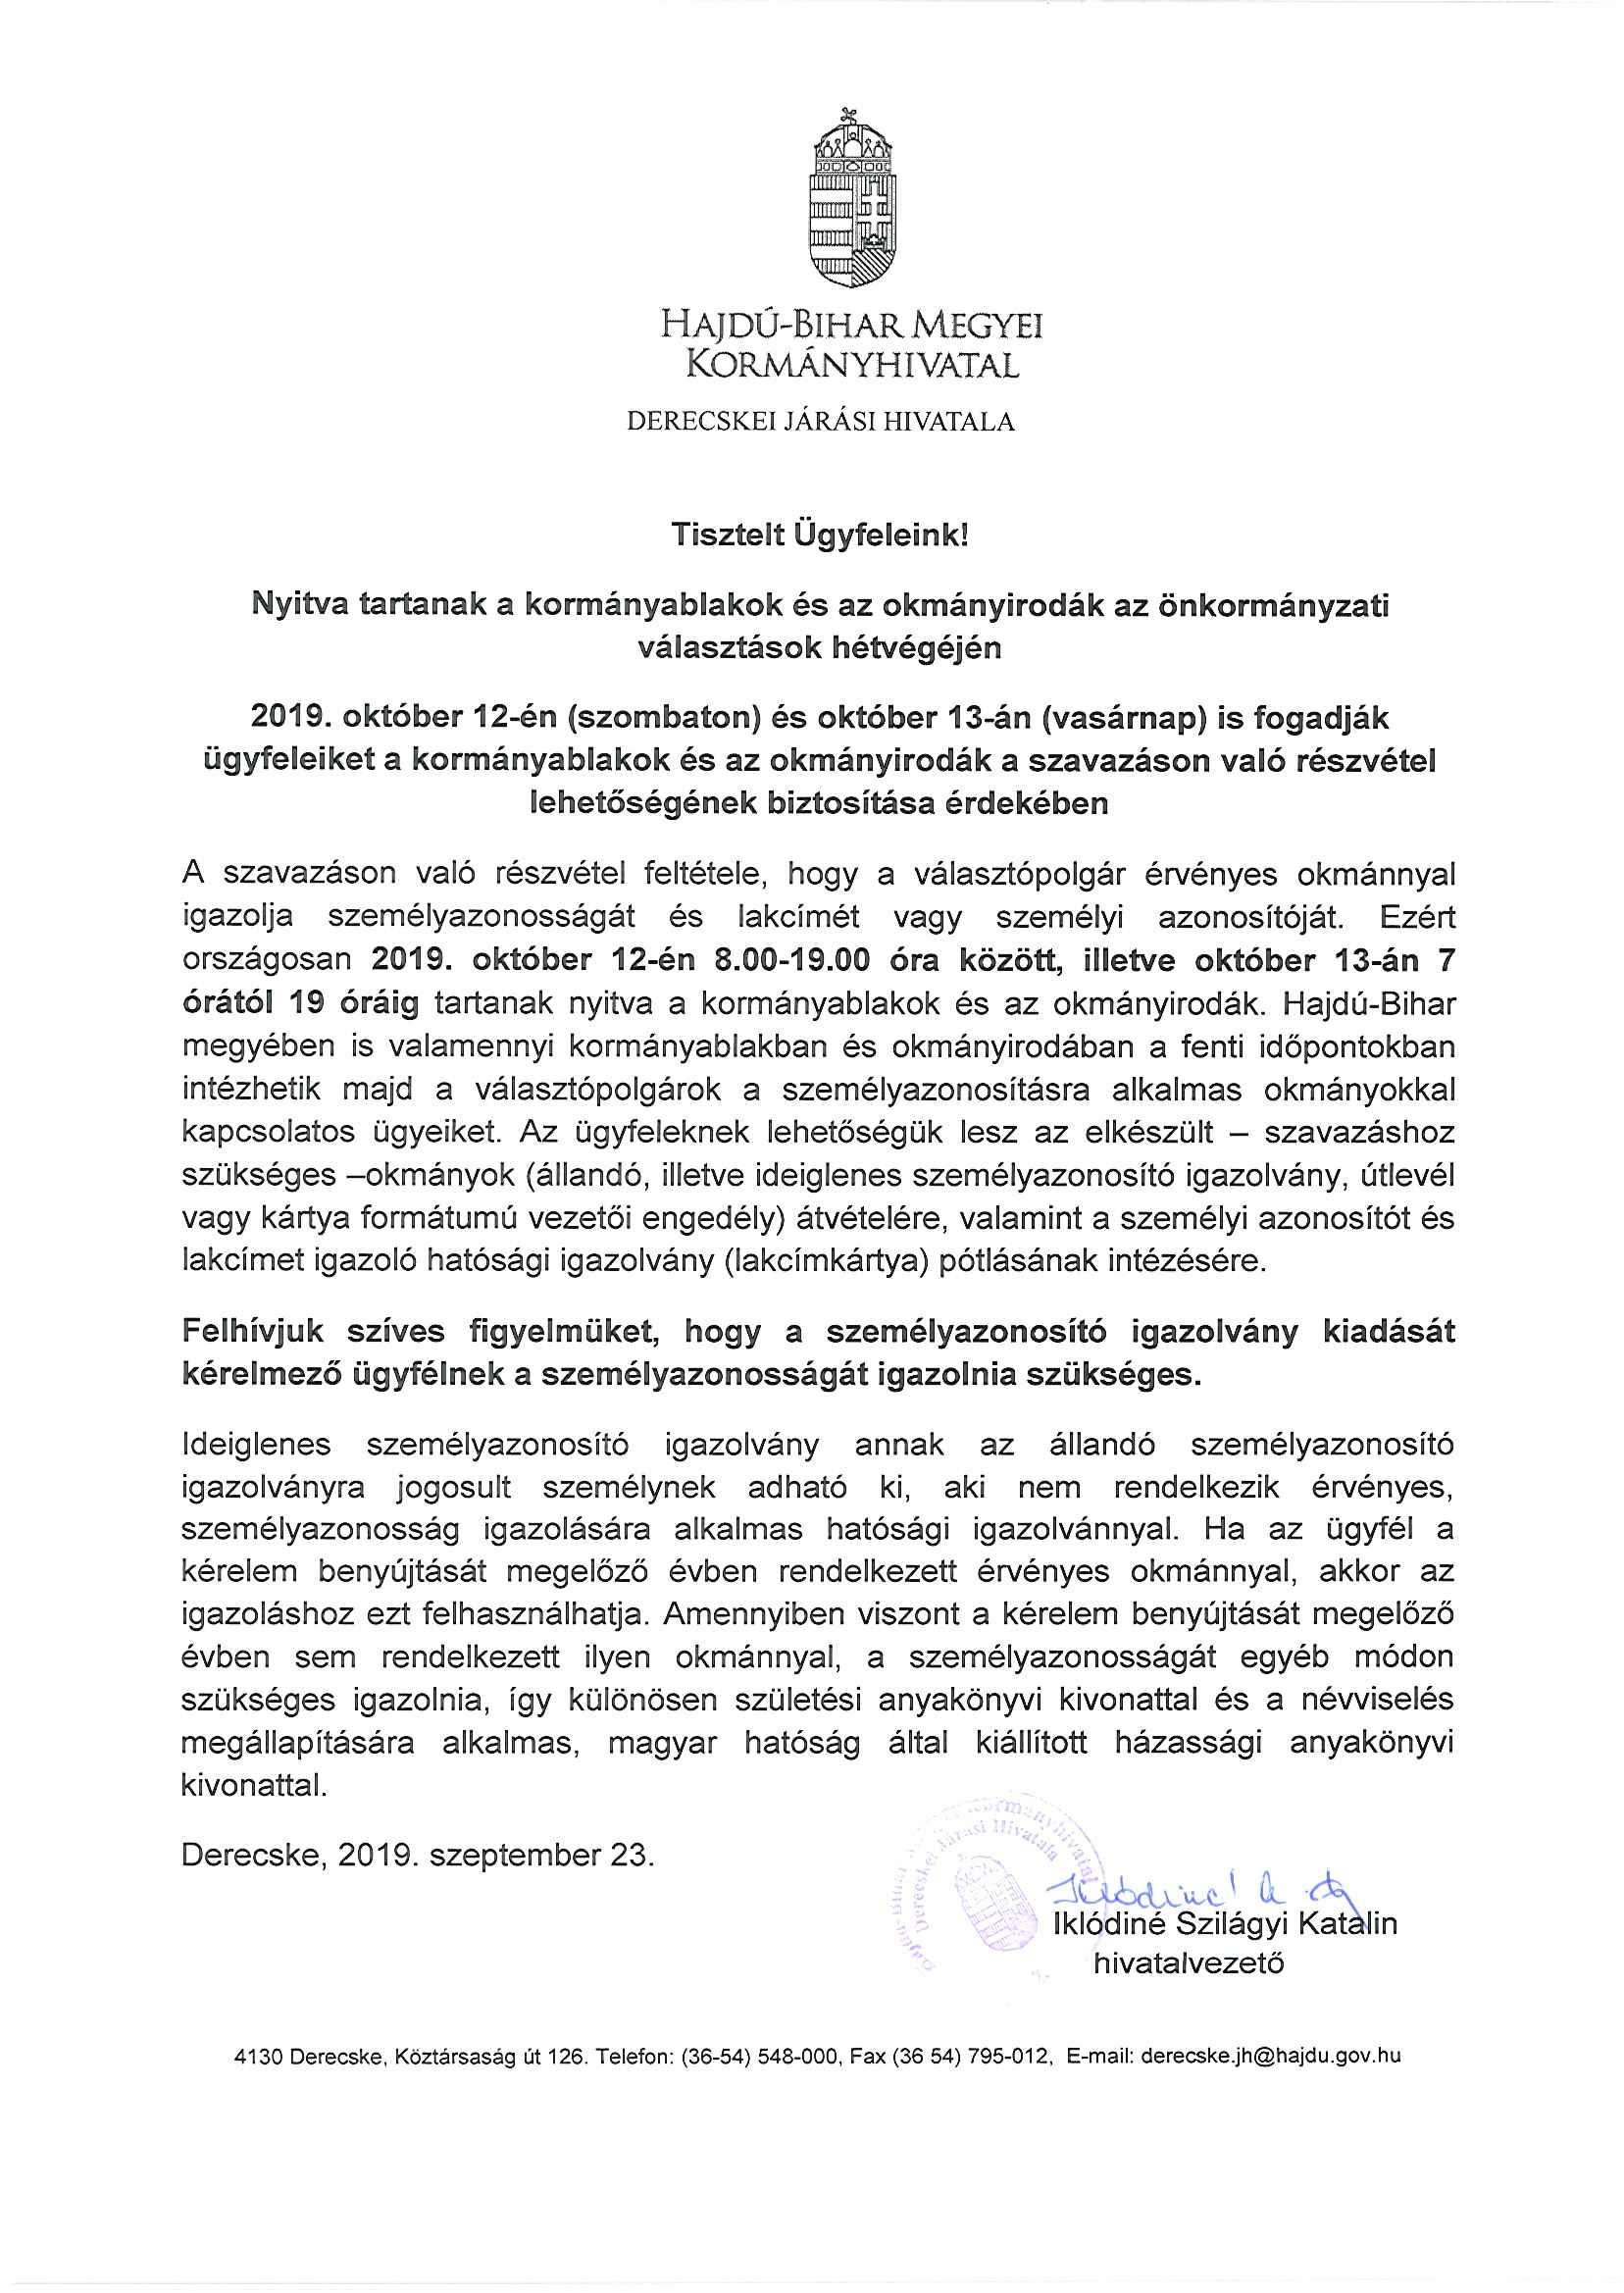 Tájékoztató az önkormányzati választások hétvégéjén a kormányablakok és okmányirodák nyitva tartásáról